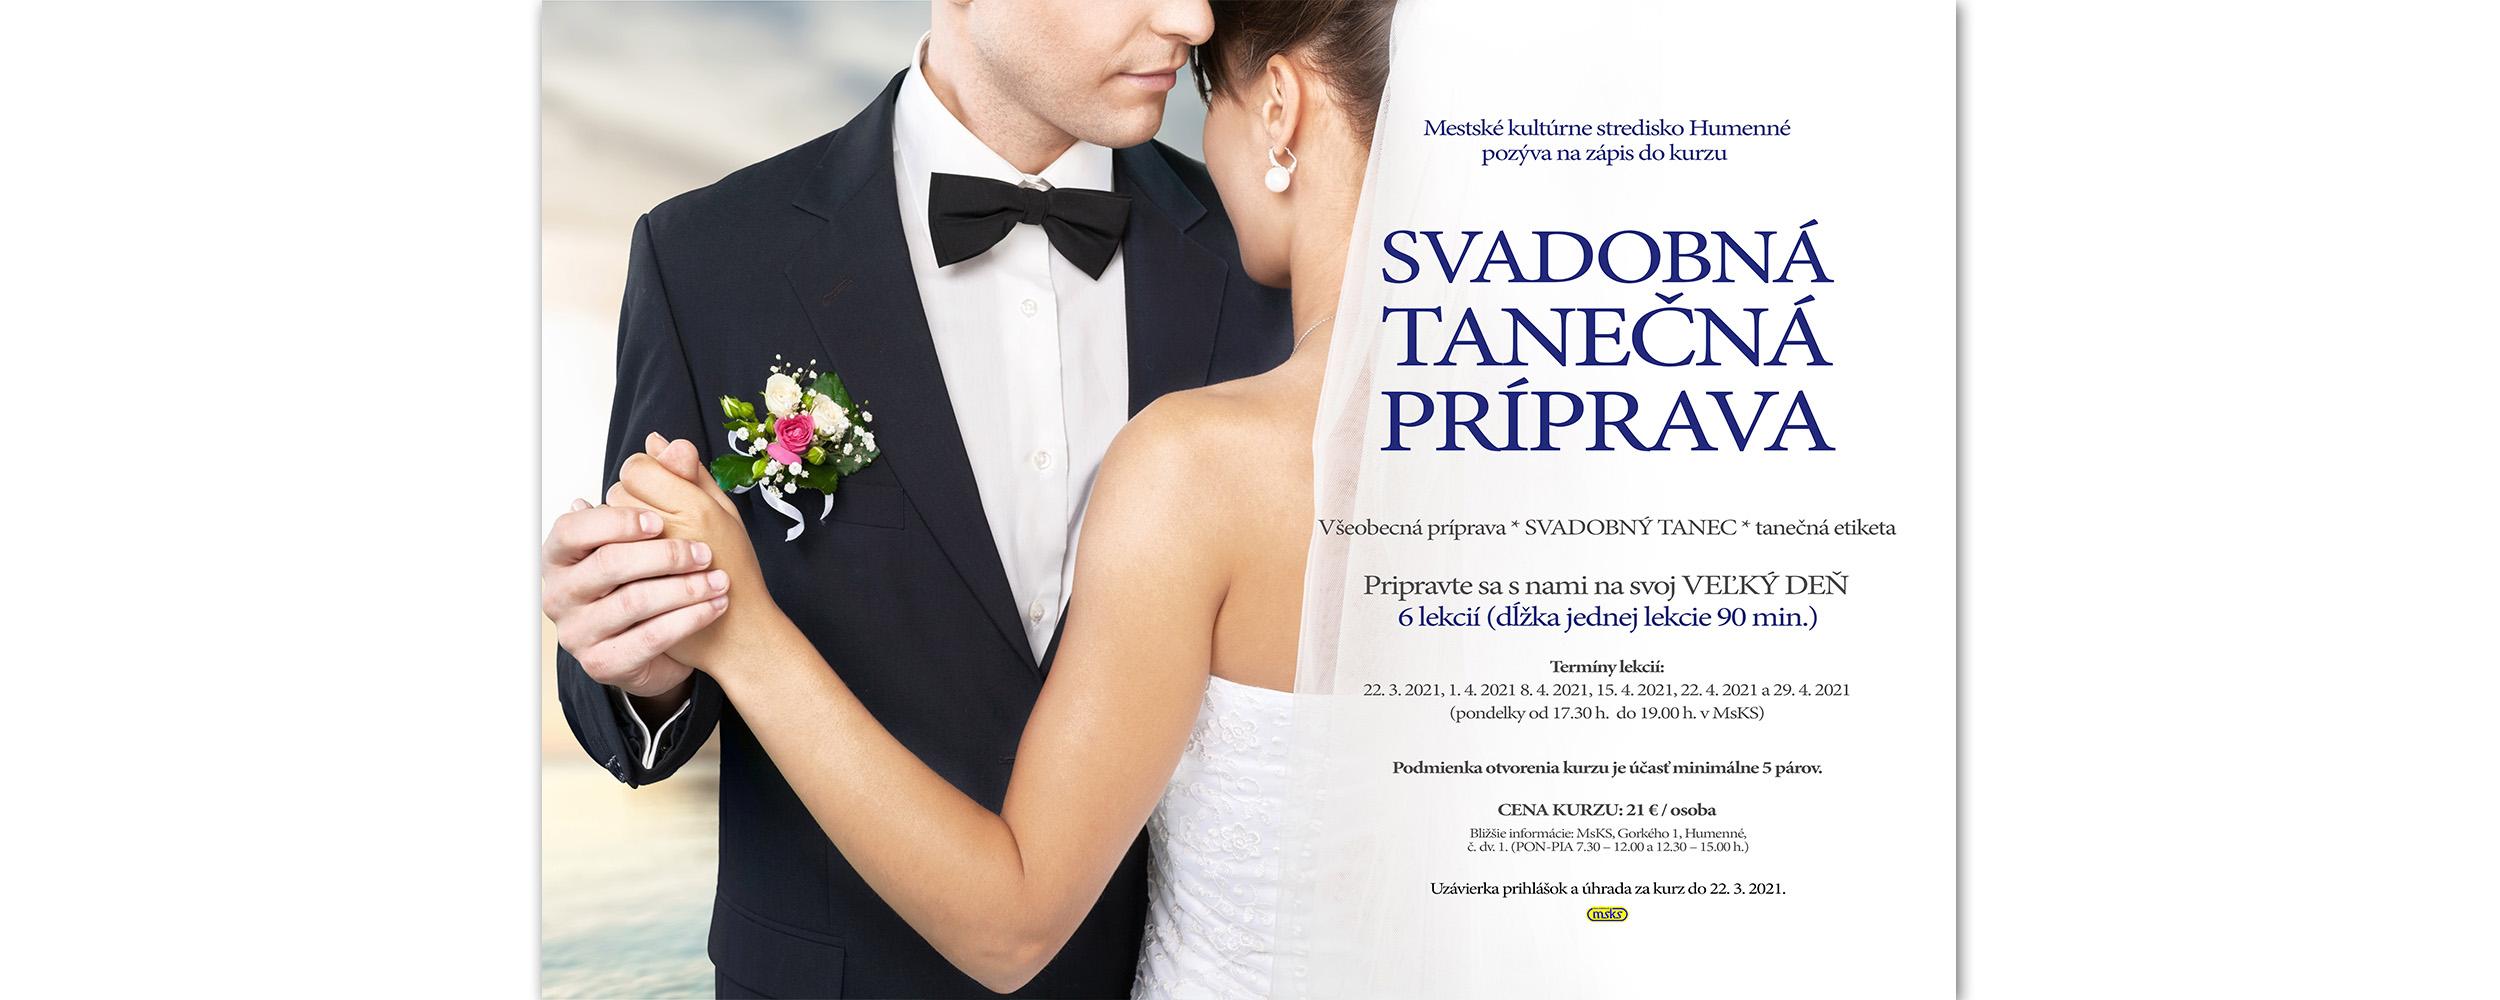 Svadobná Tanečná Príprava